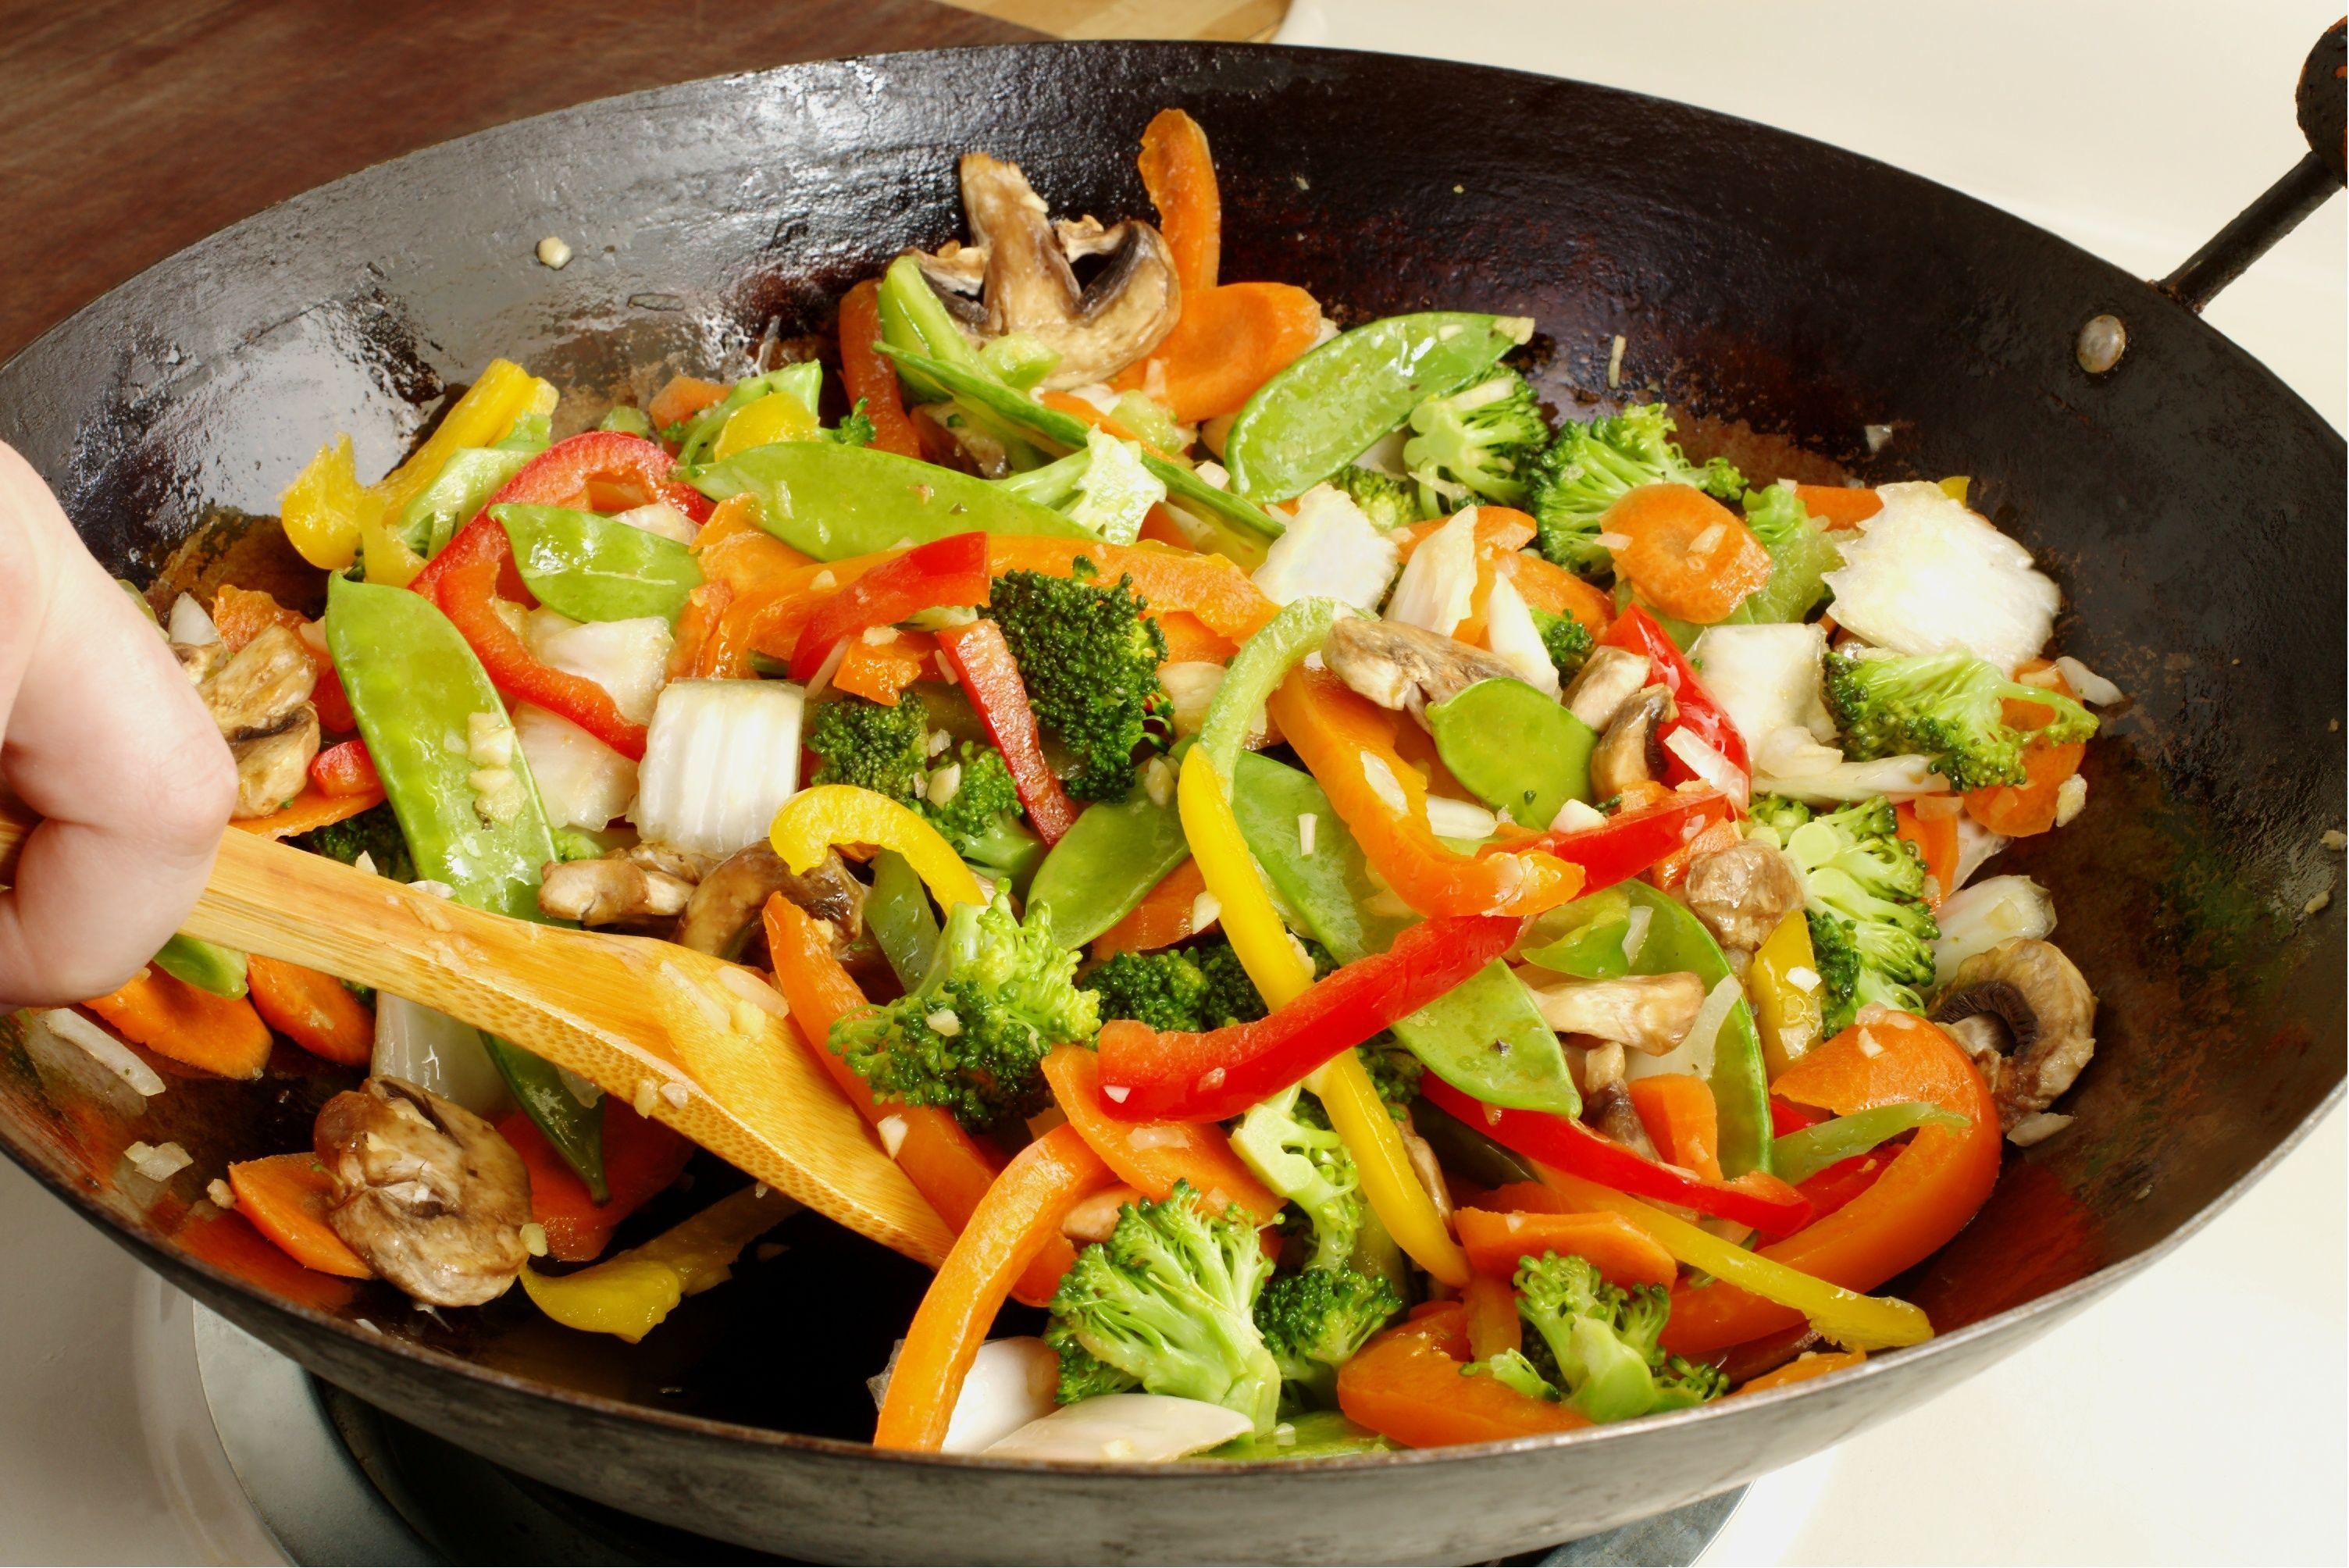 planear un menú saludable